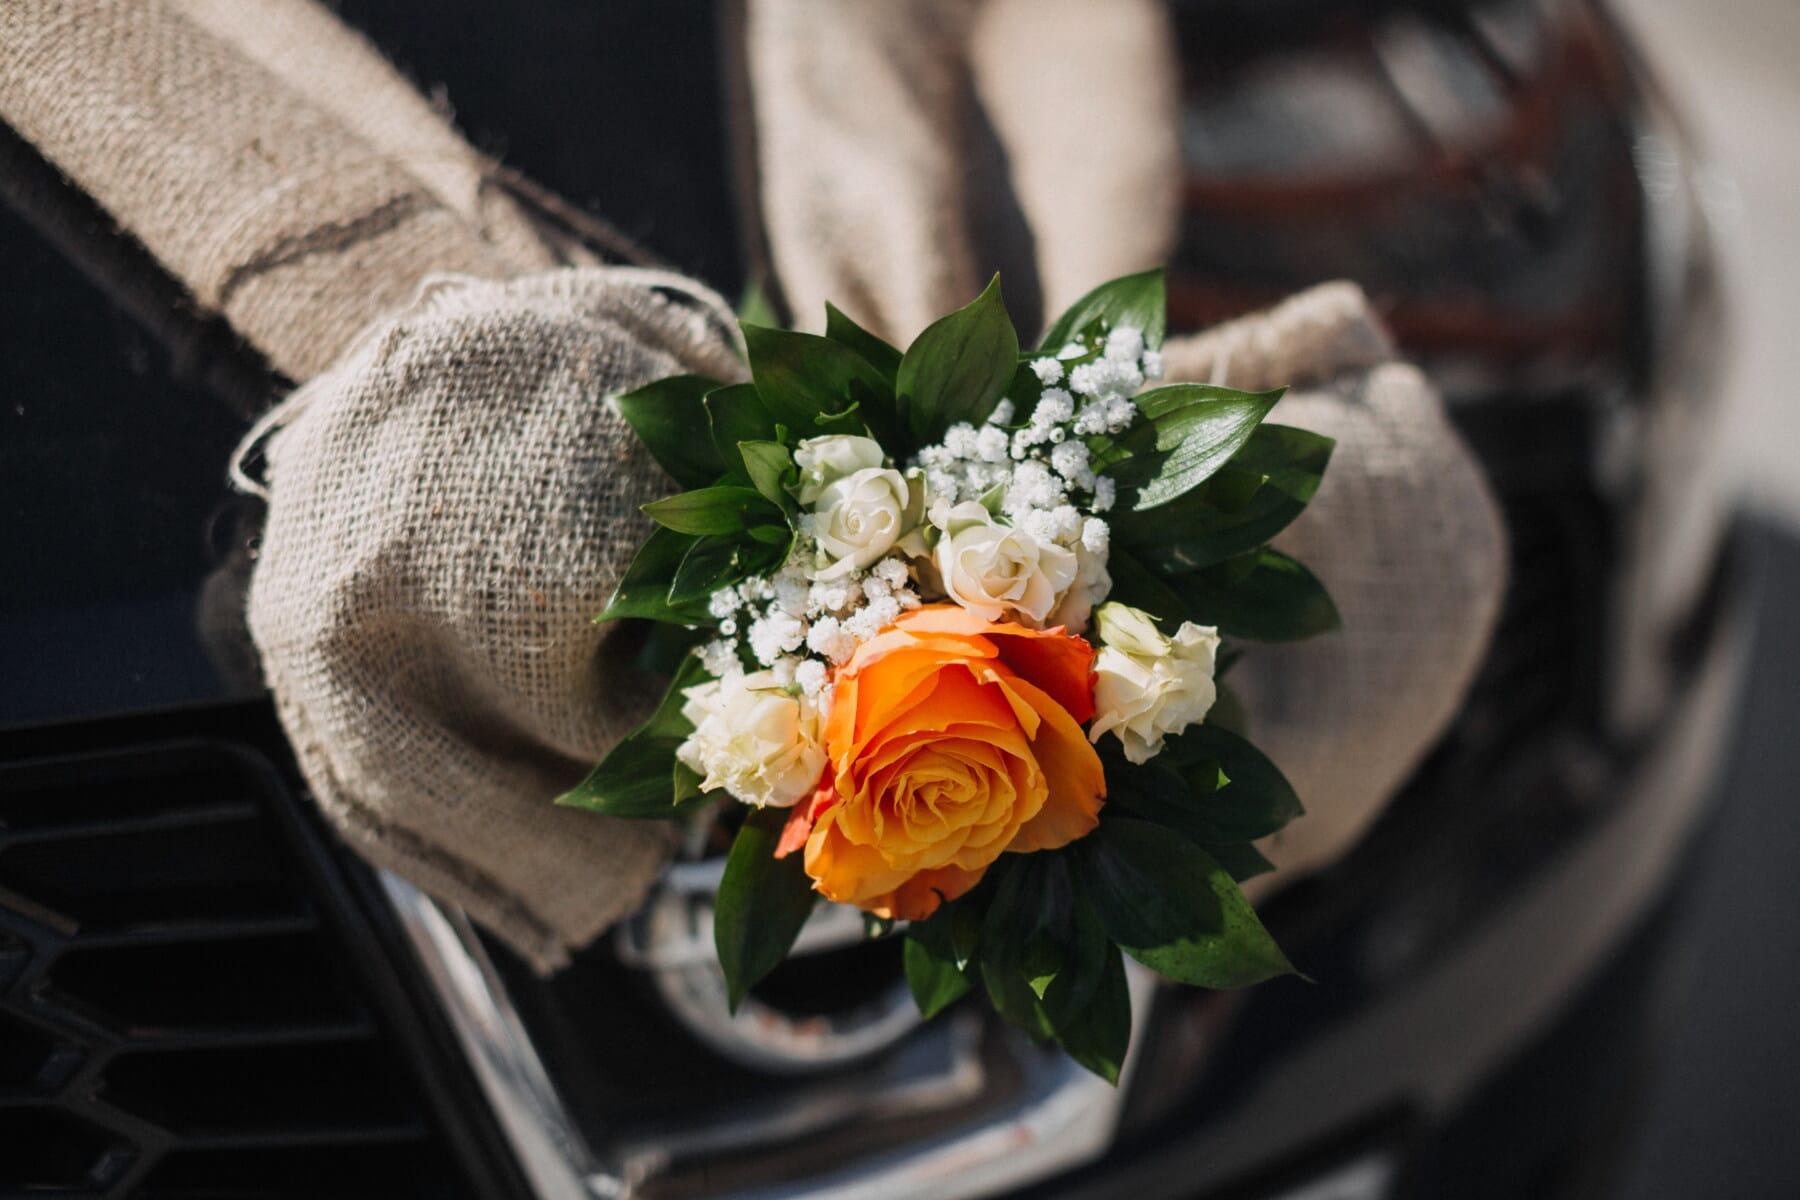 bouquet, jaune orangé, décoration, Rose, romance, fleur, feuille, nature morte, élégant, luxe